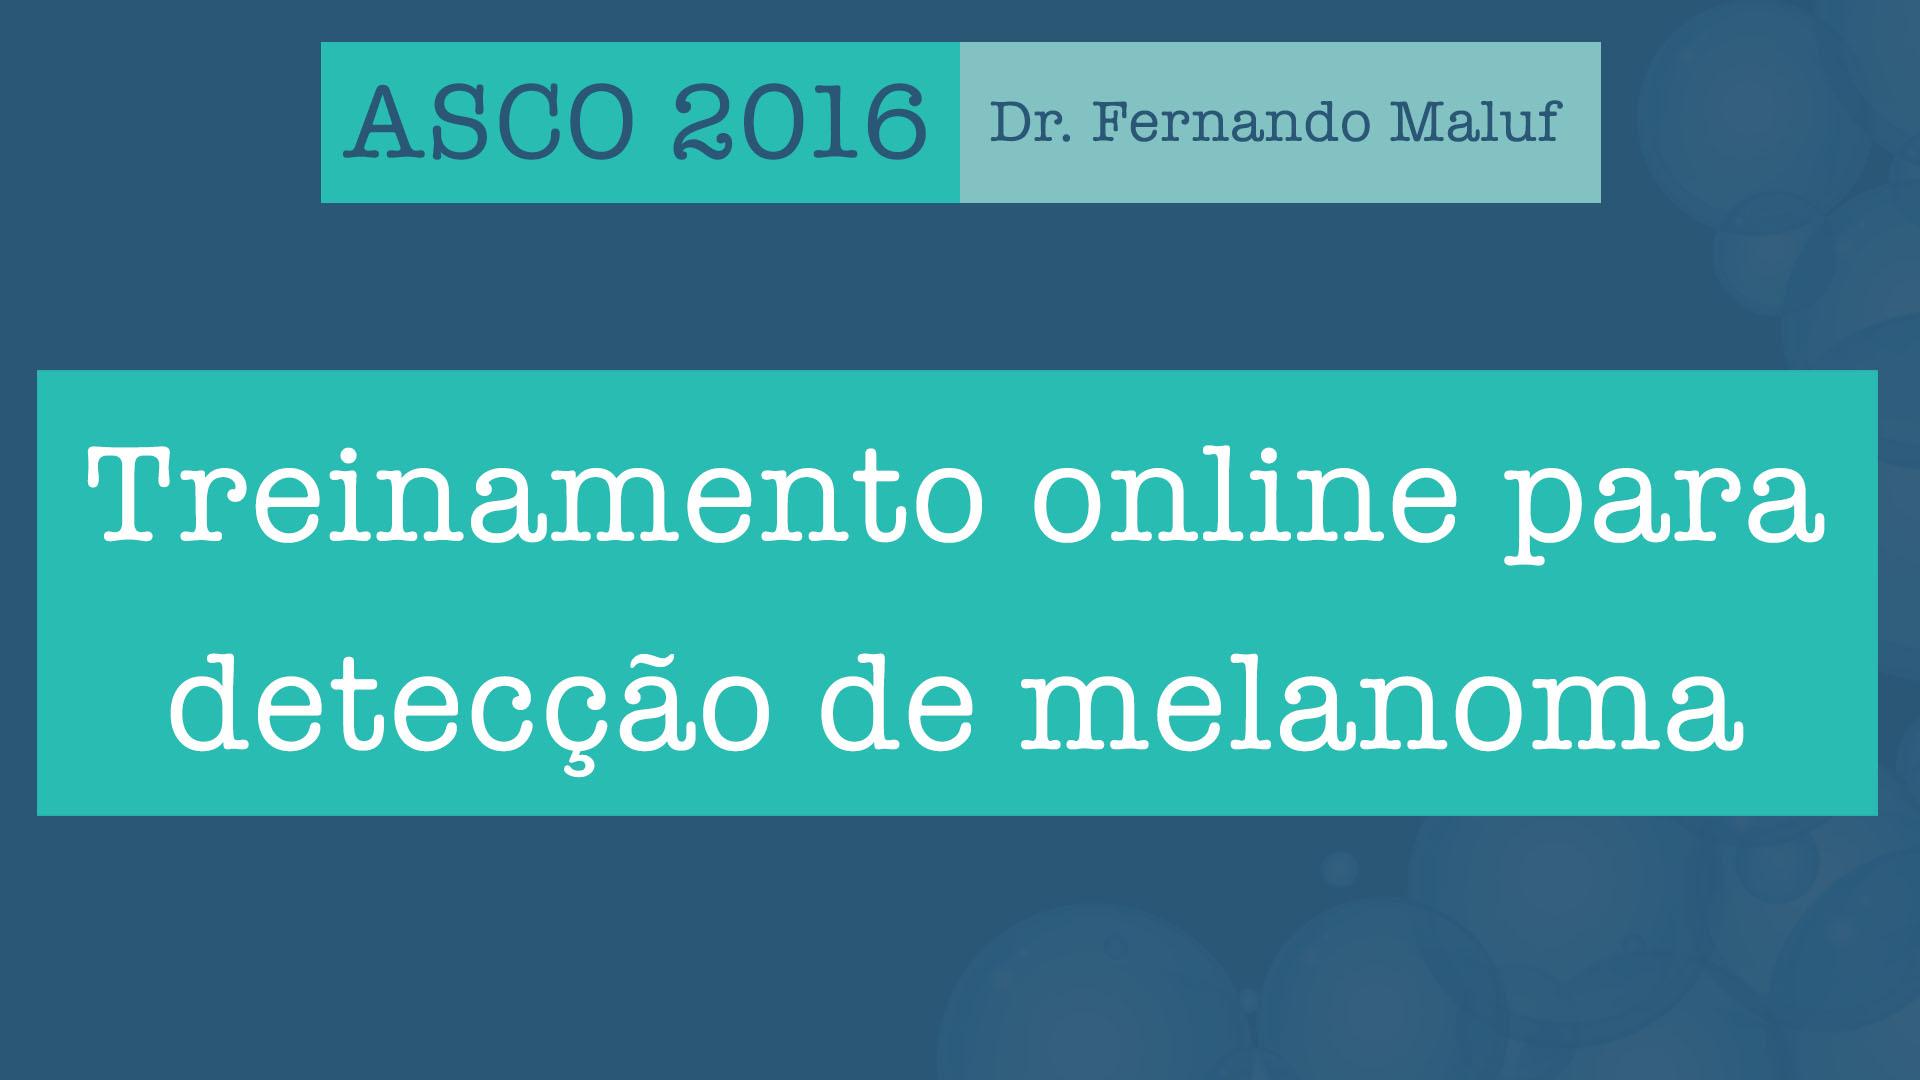 detecção online melanoma